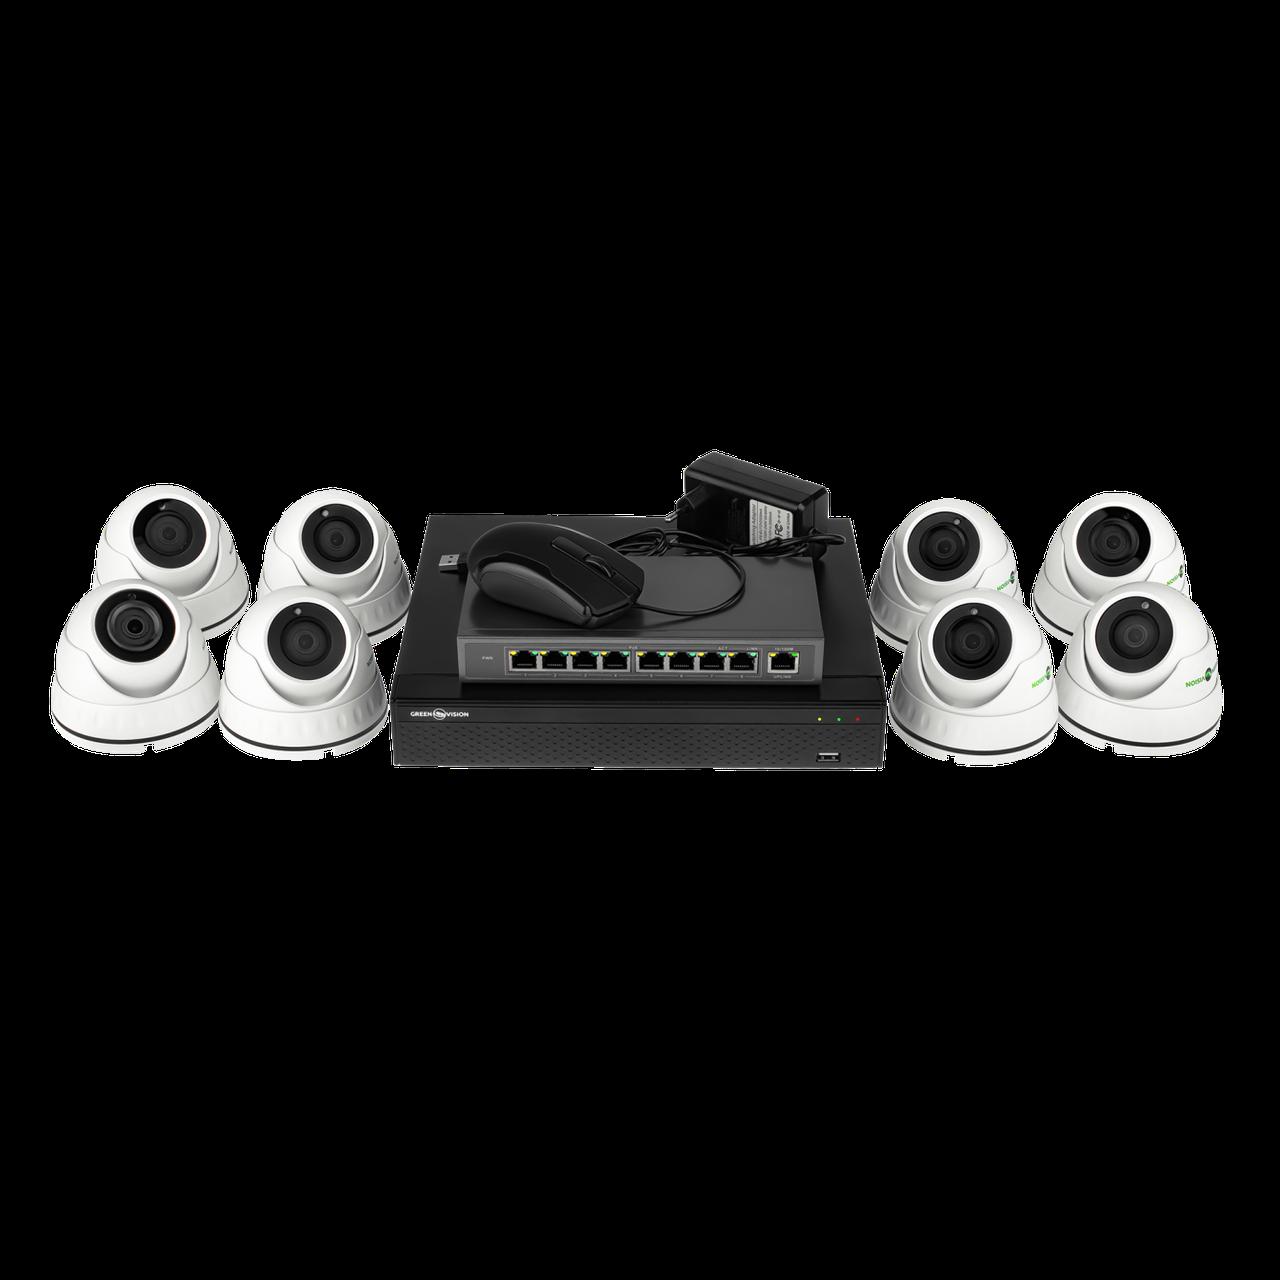 Комплект видеонаблюдения Green Vision GV-IP-K-L26/08 1080P